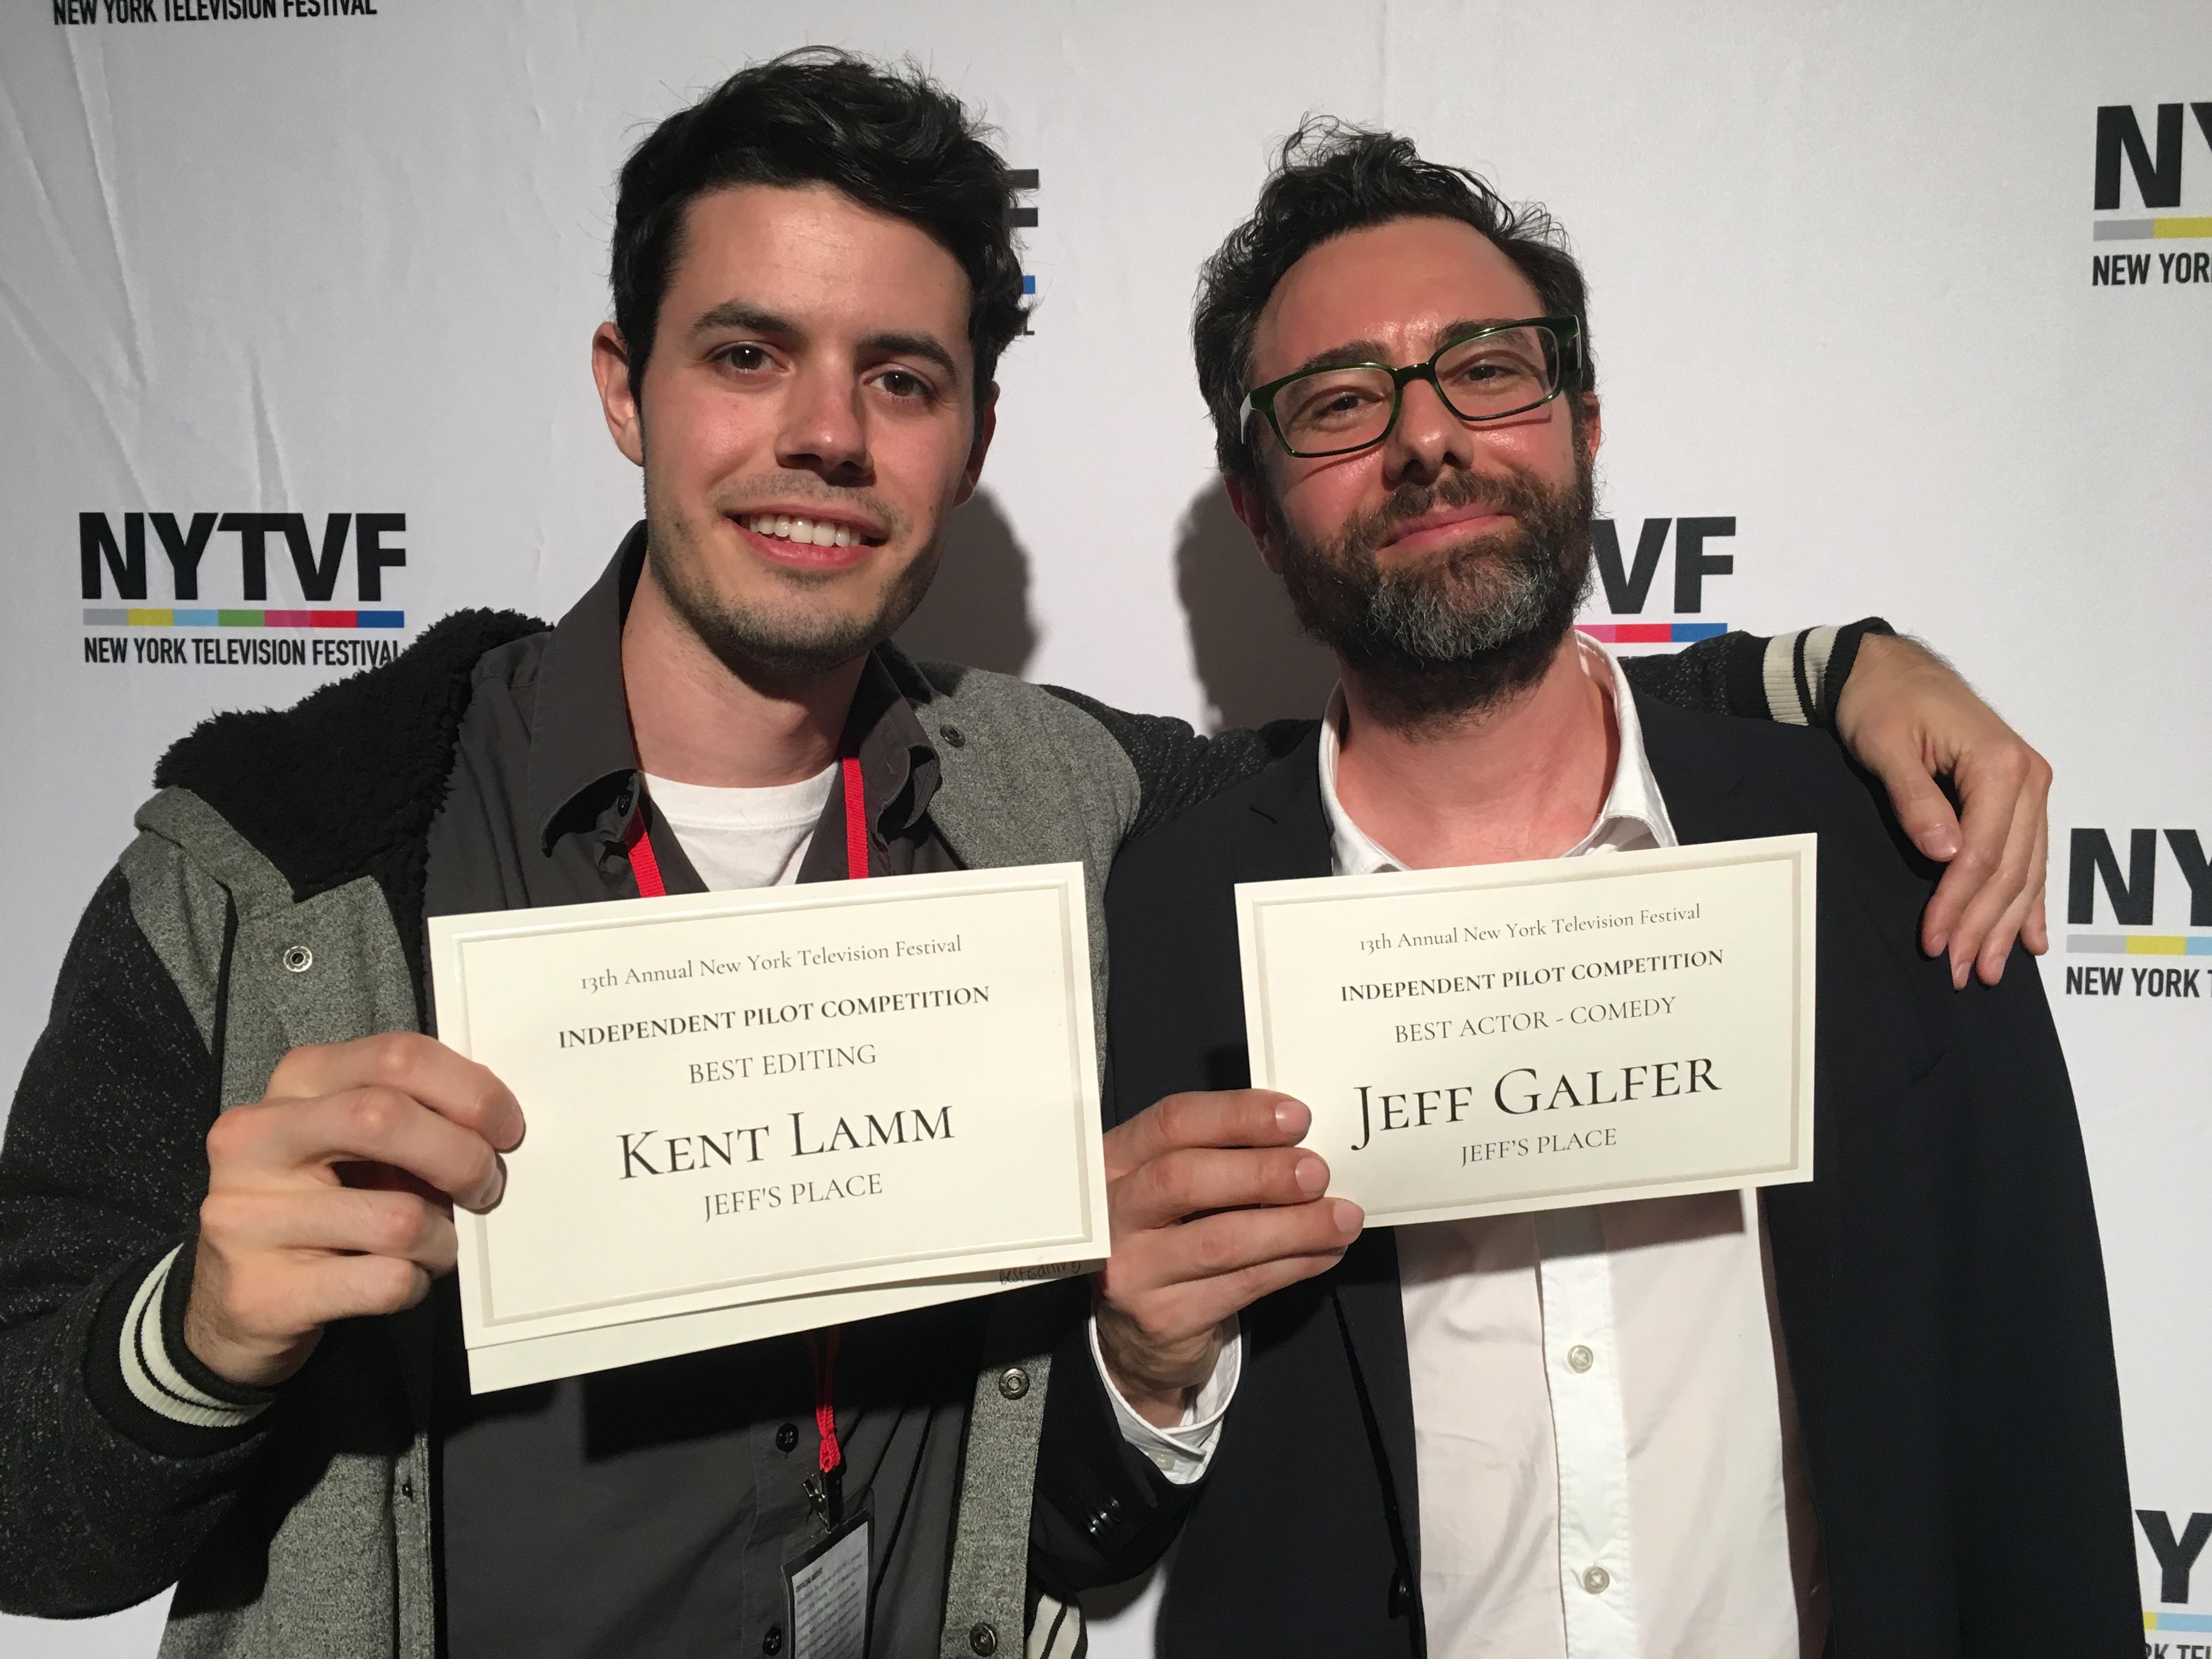 Jeff Galfer and Kent Lamm